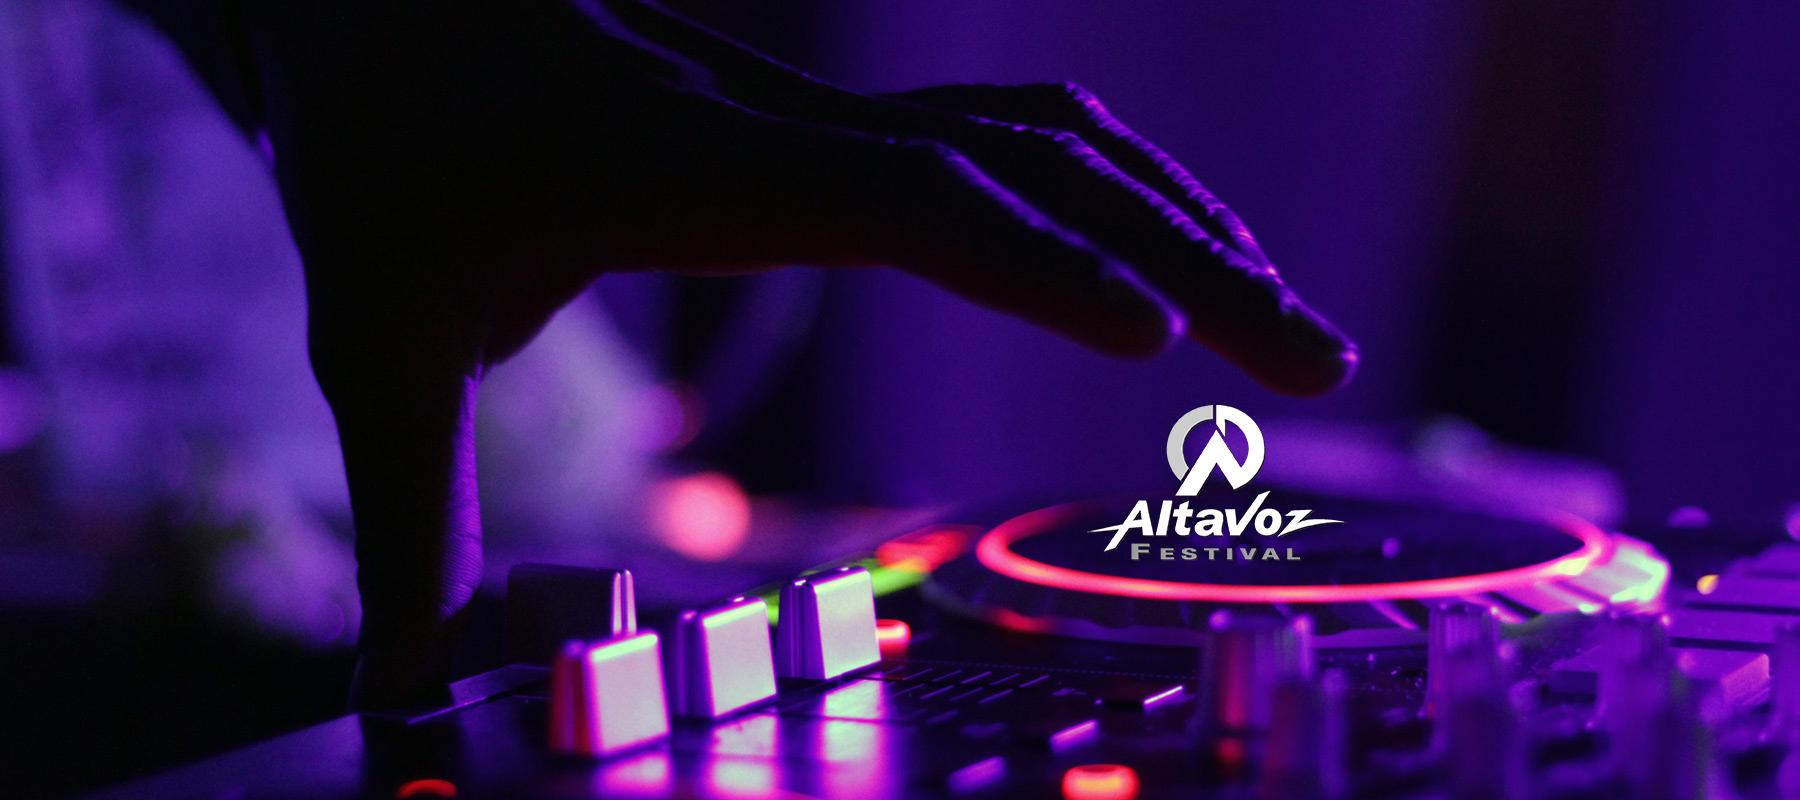 About Altavoz Festival